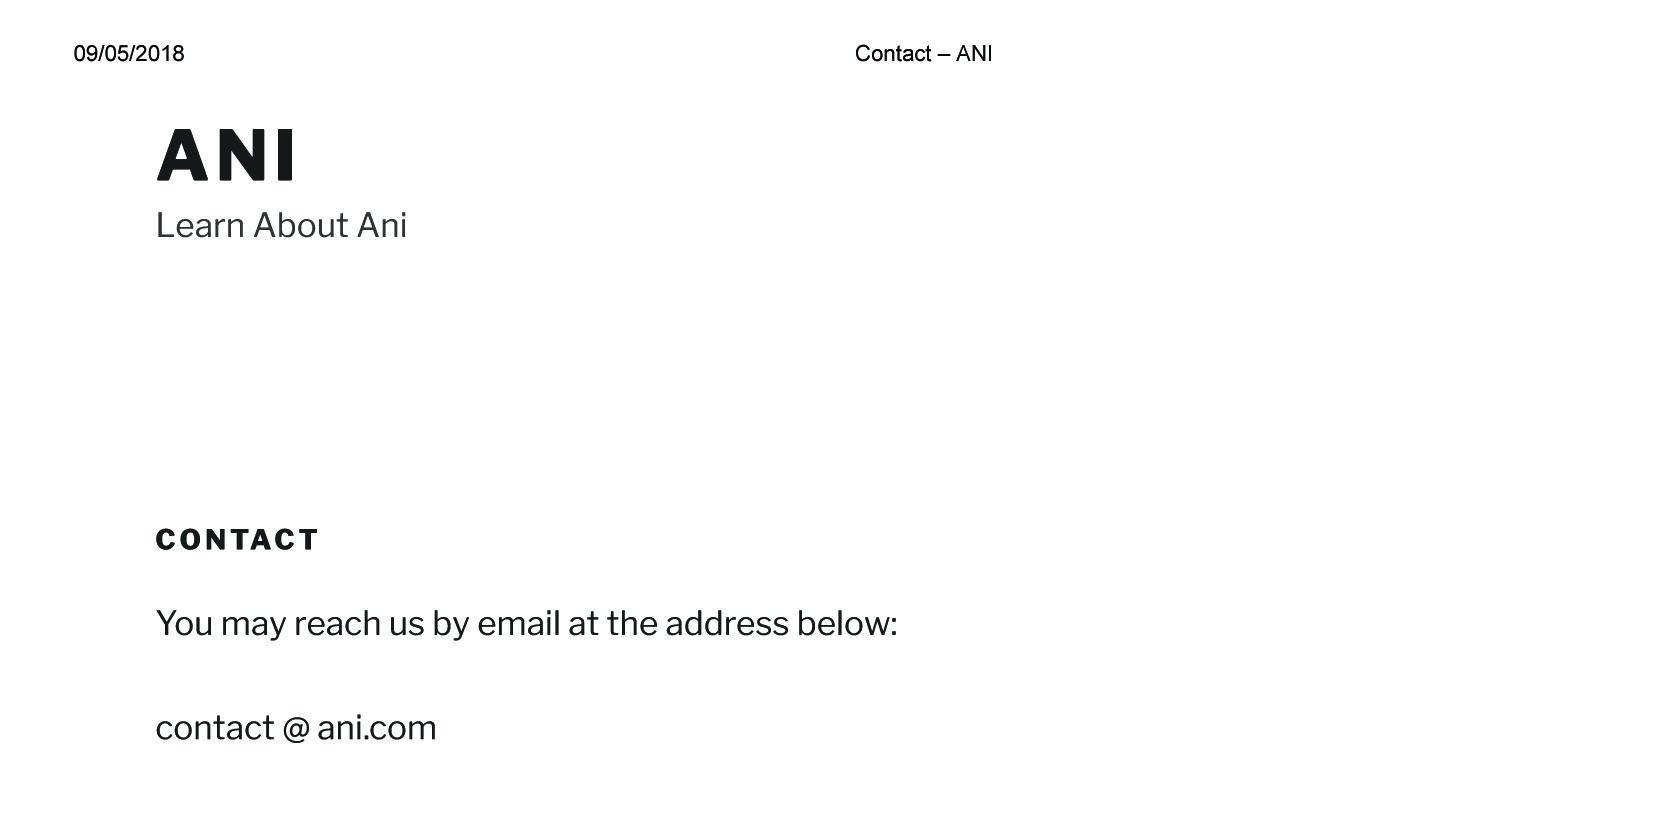 Contact – ANI copy